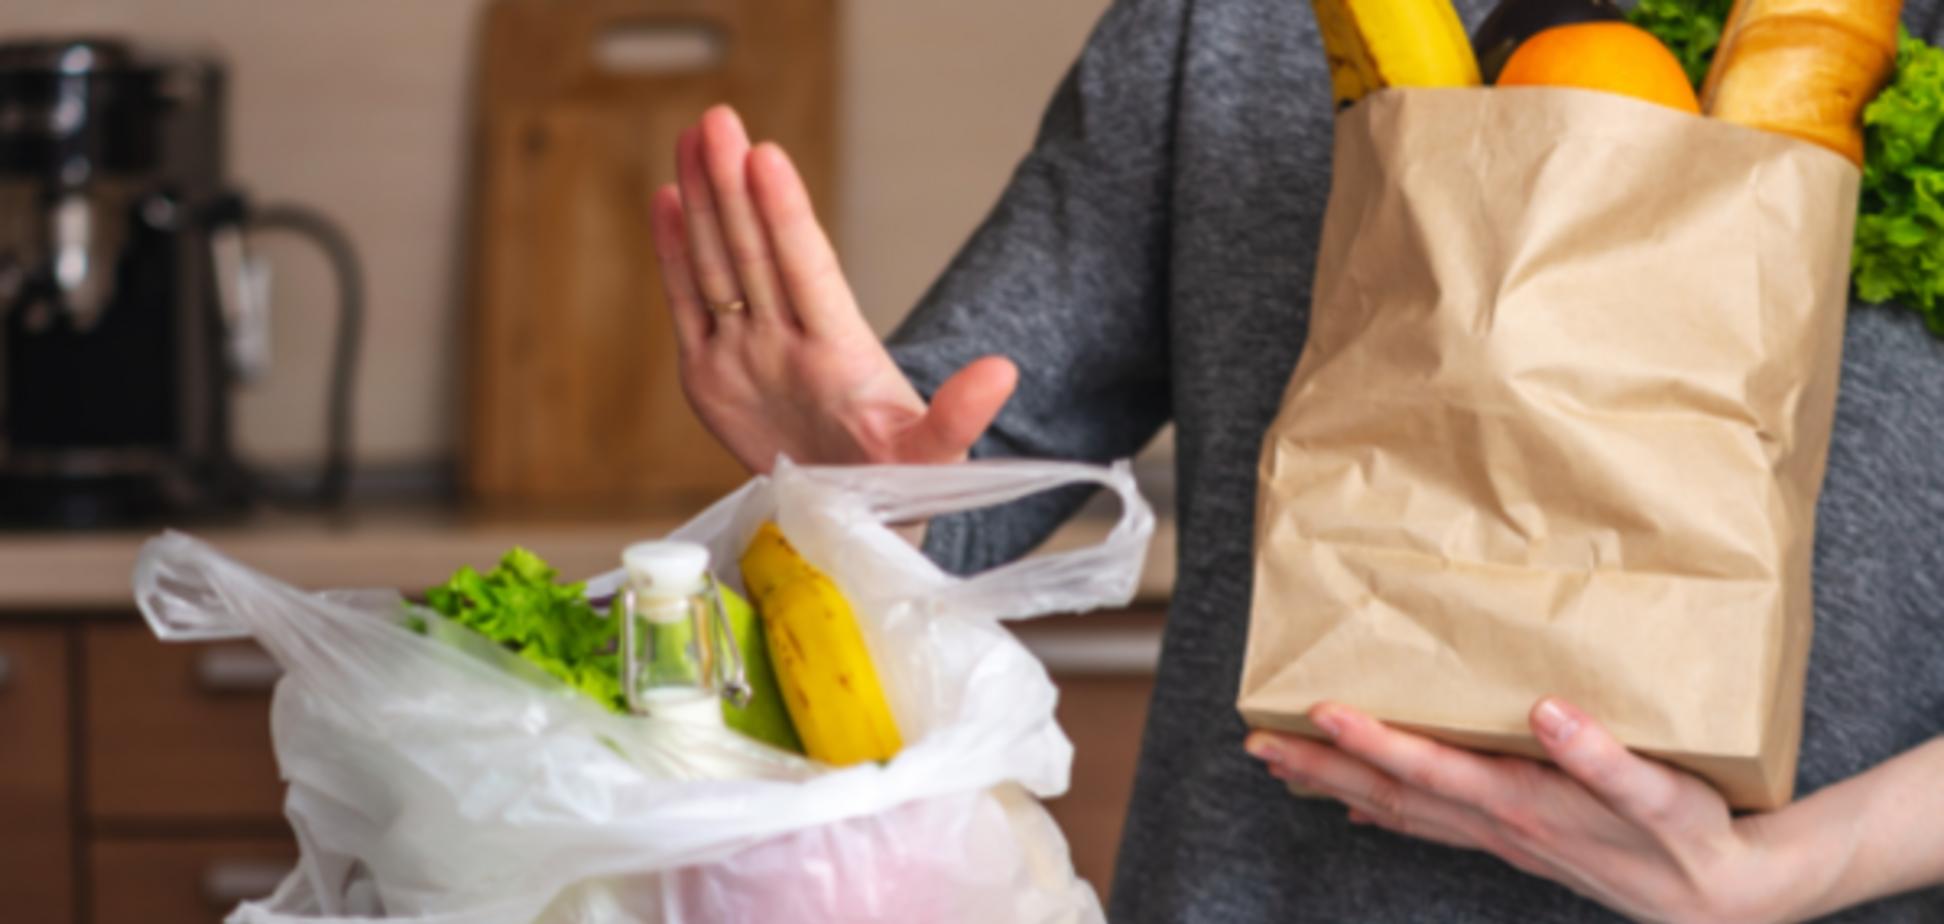 В Україні заборонять пластикові пакети: в Раді дали добро